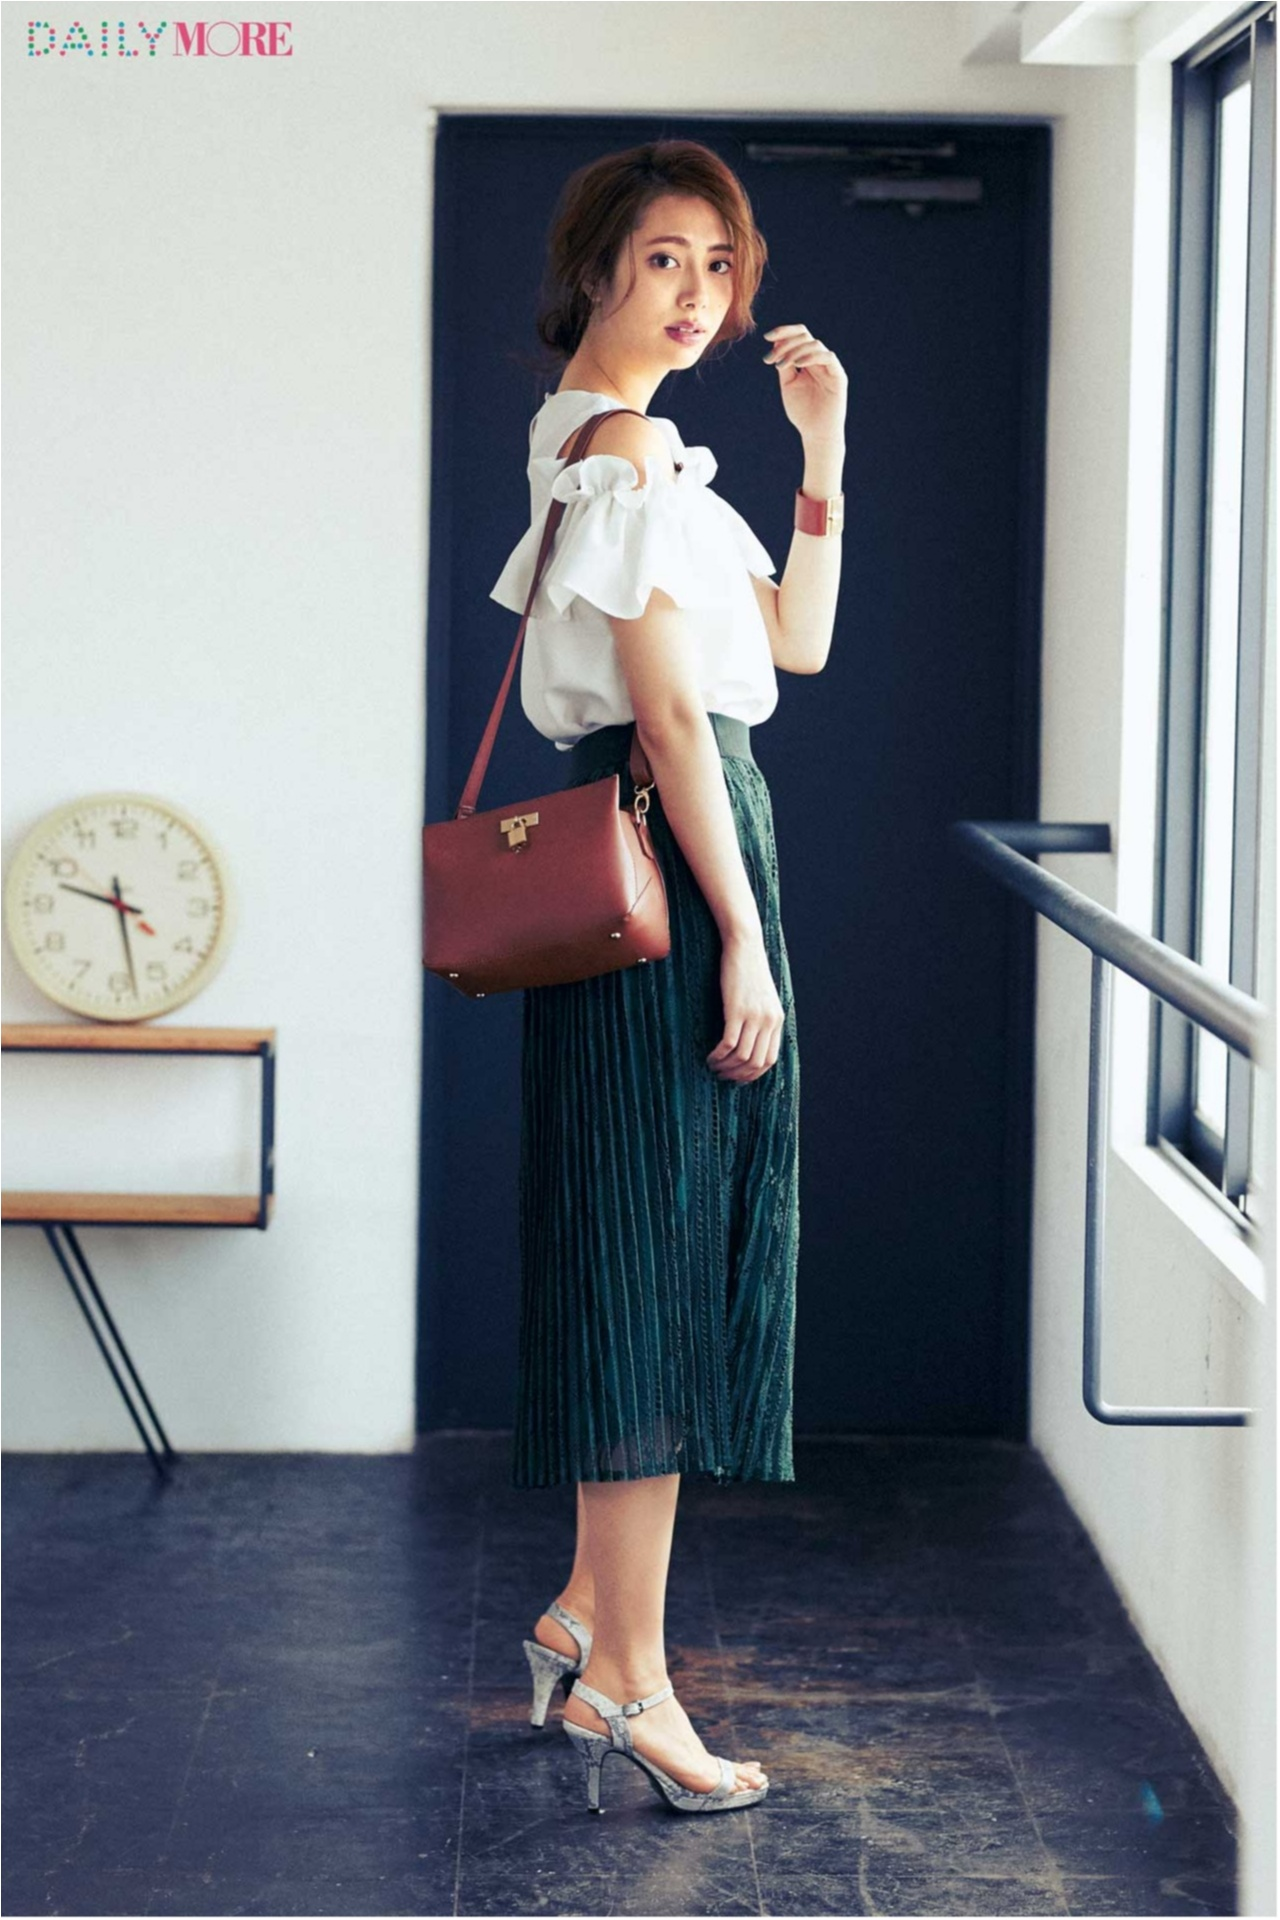 コスパ通勤服『神戸レタス』『フィフス』と、吉岡里帆さんのワンピース記事が大ヒット☆ 今週のファッション人気ランキングトップ3!_1_3